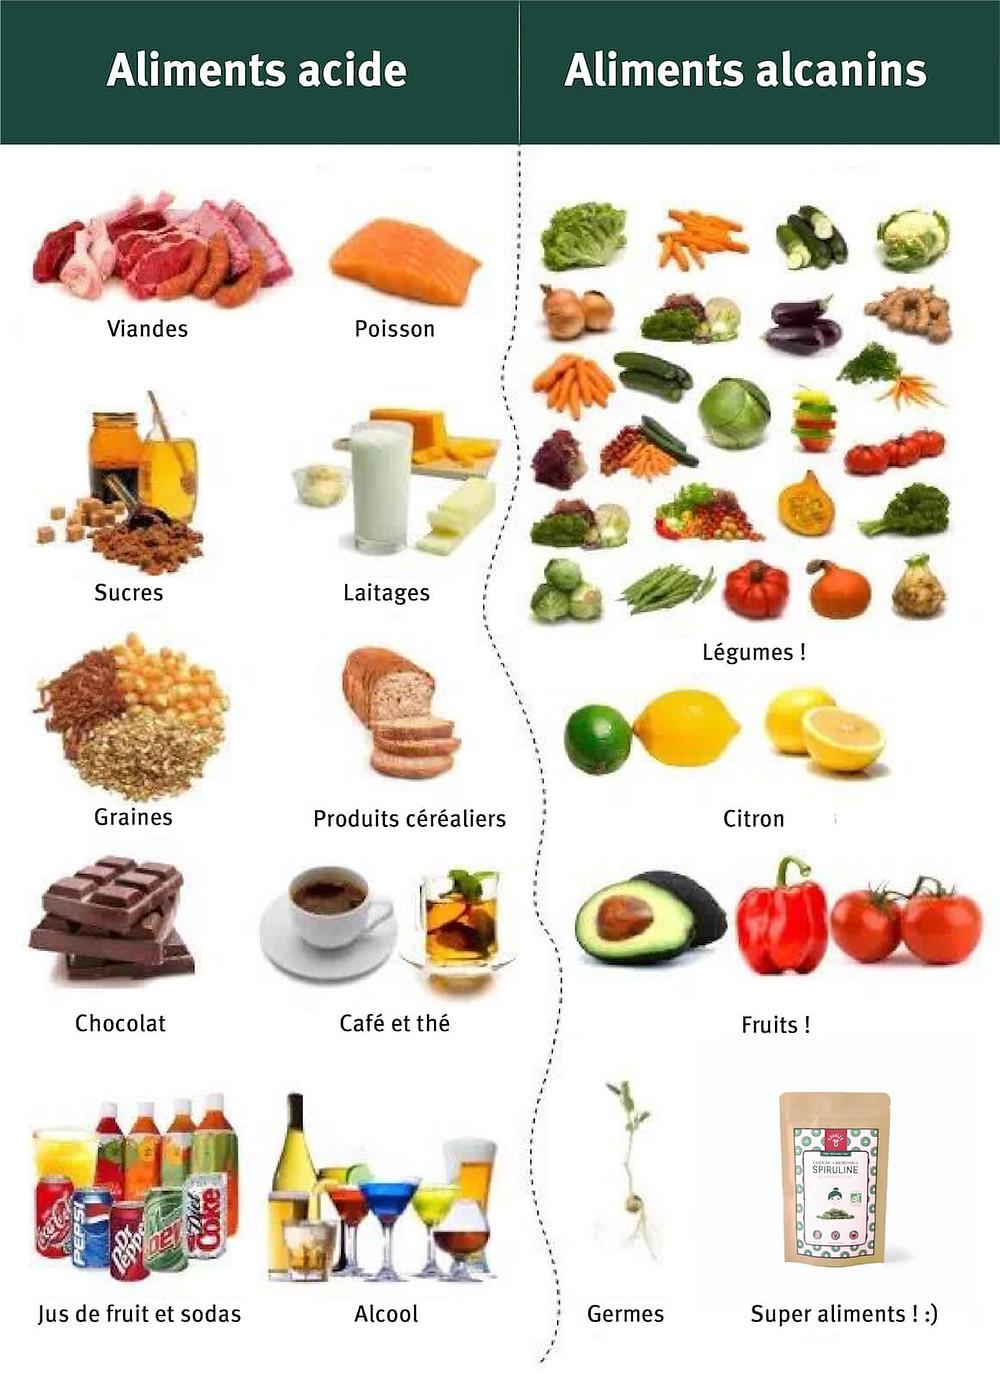 Aliments acides et alcalins